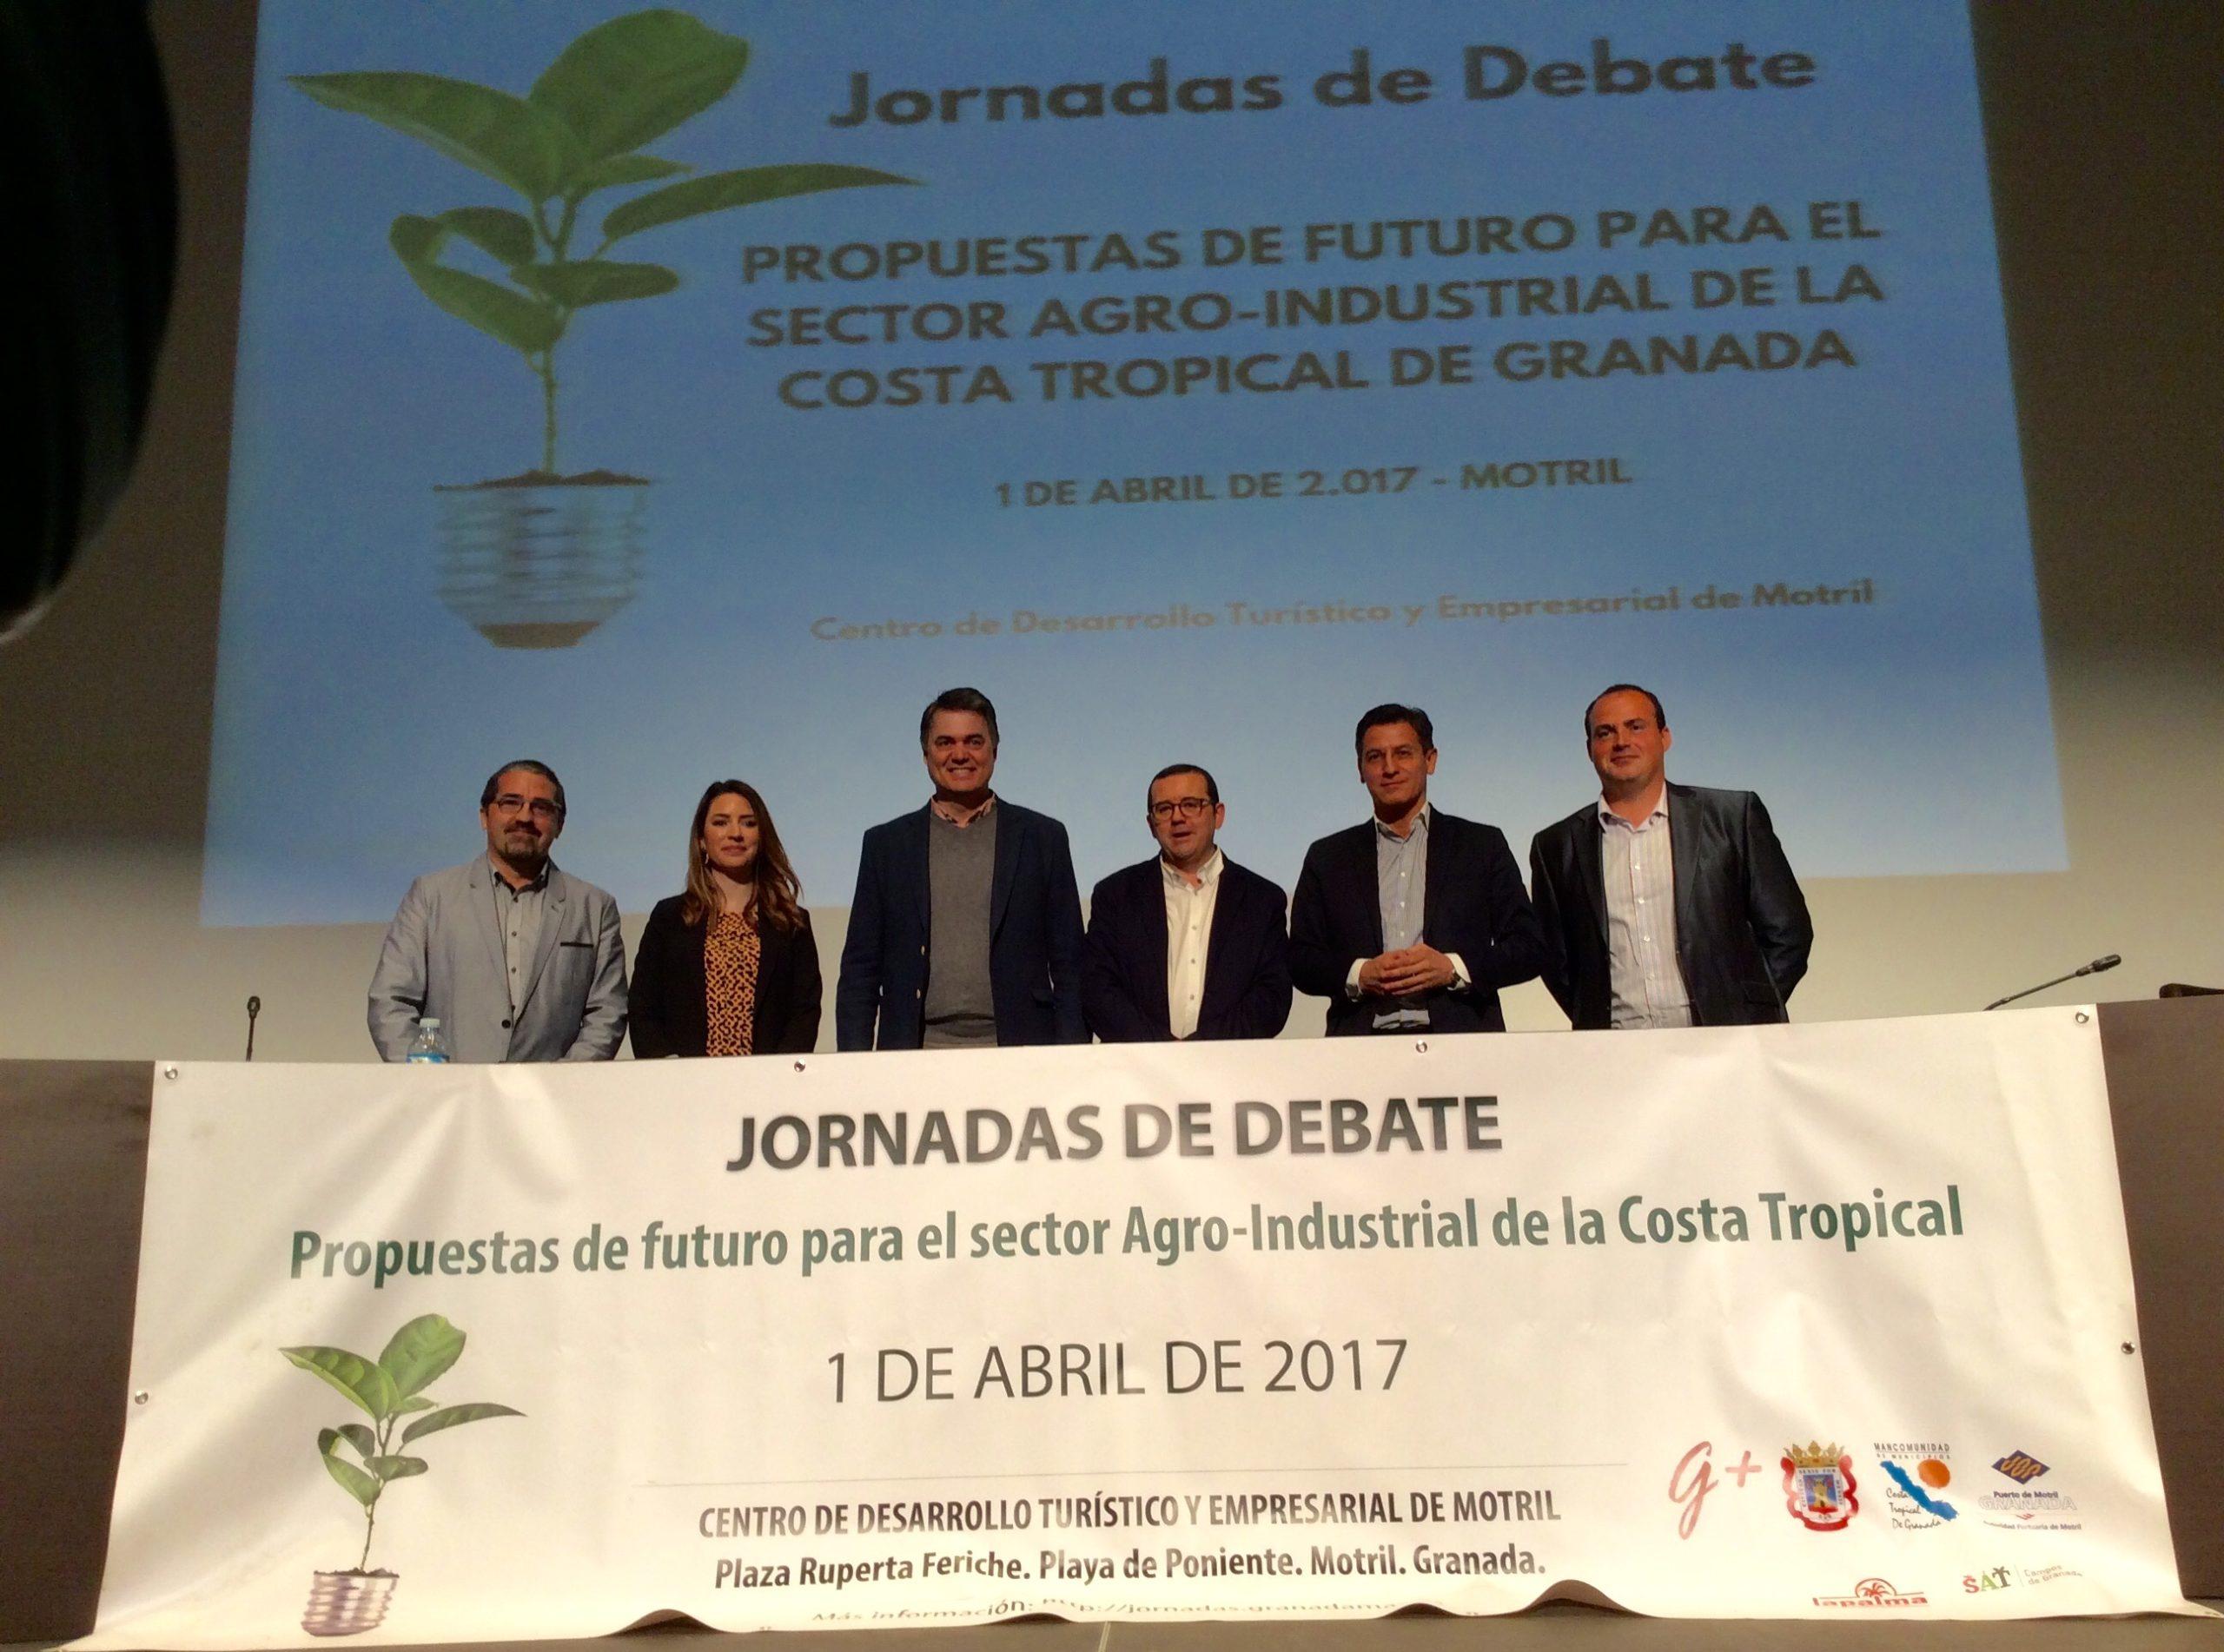 jornadas debaten sobre propuestas de futuro para el sector agro-industrial de la Costa Tropical